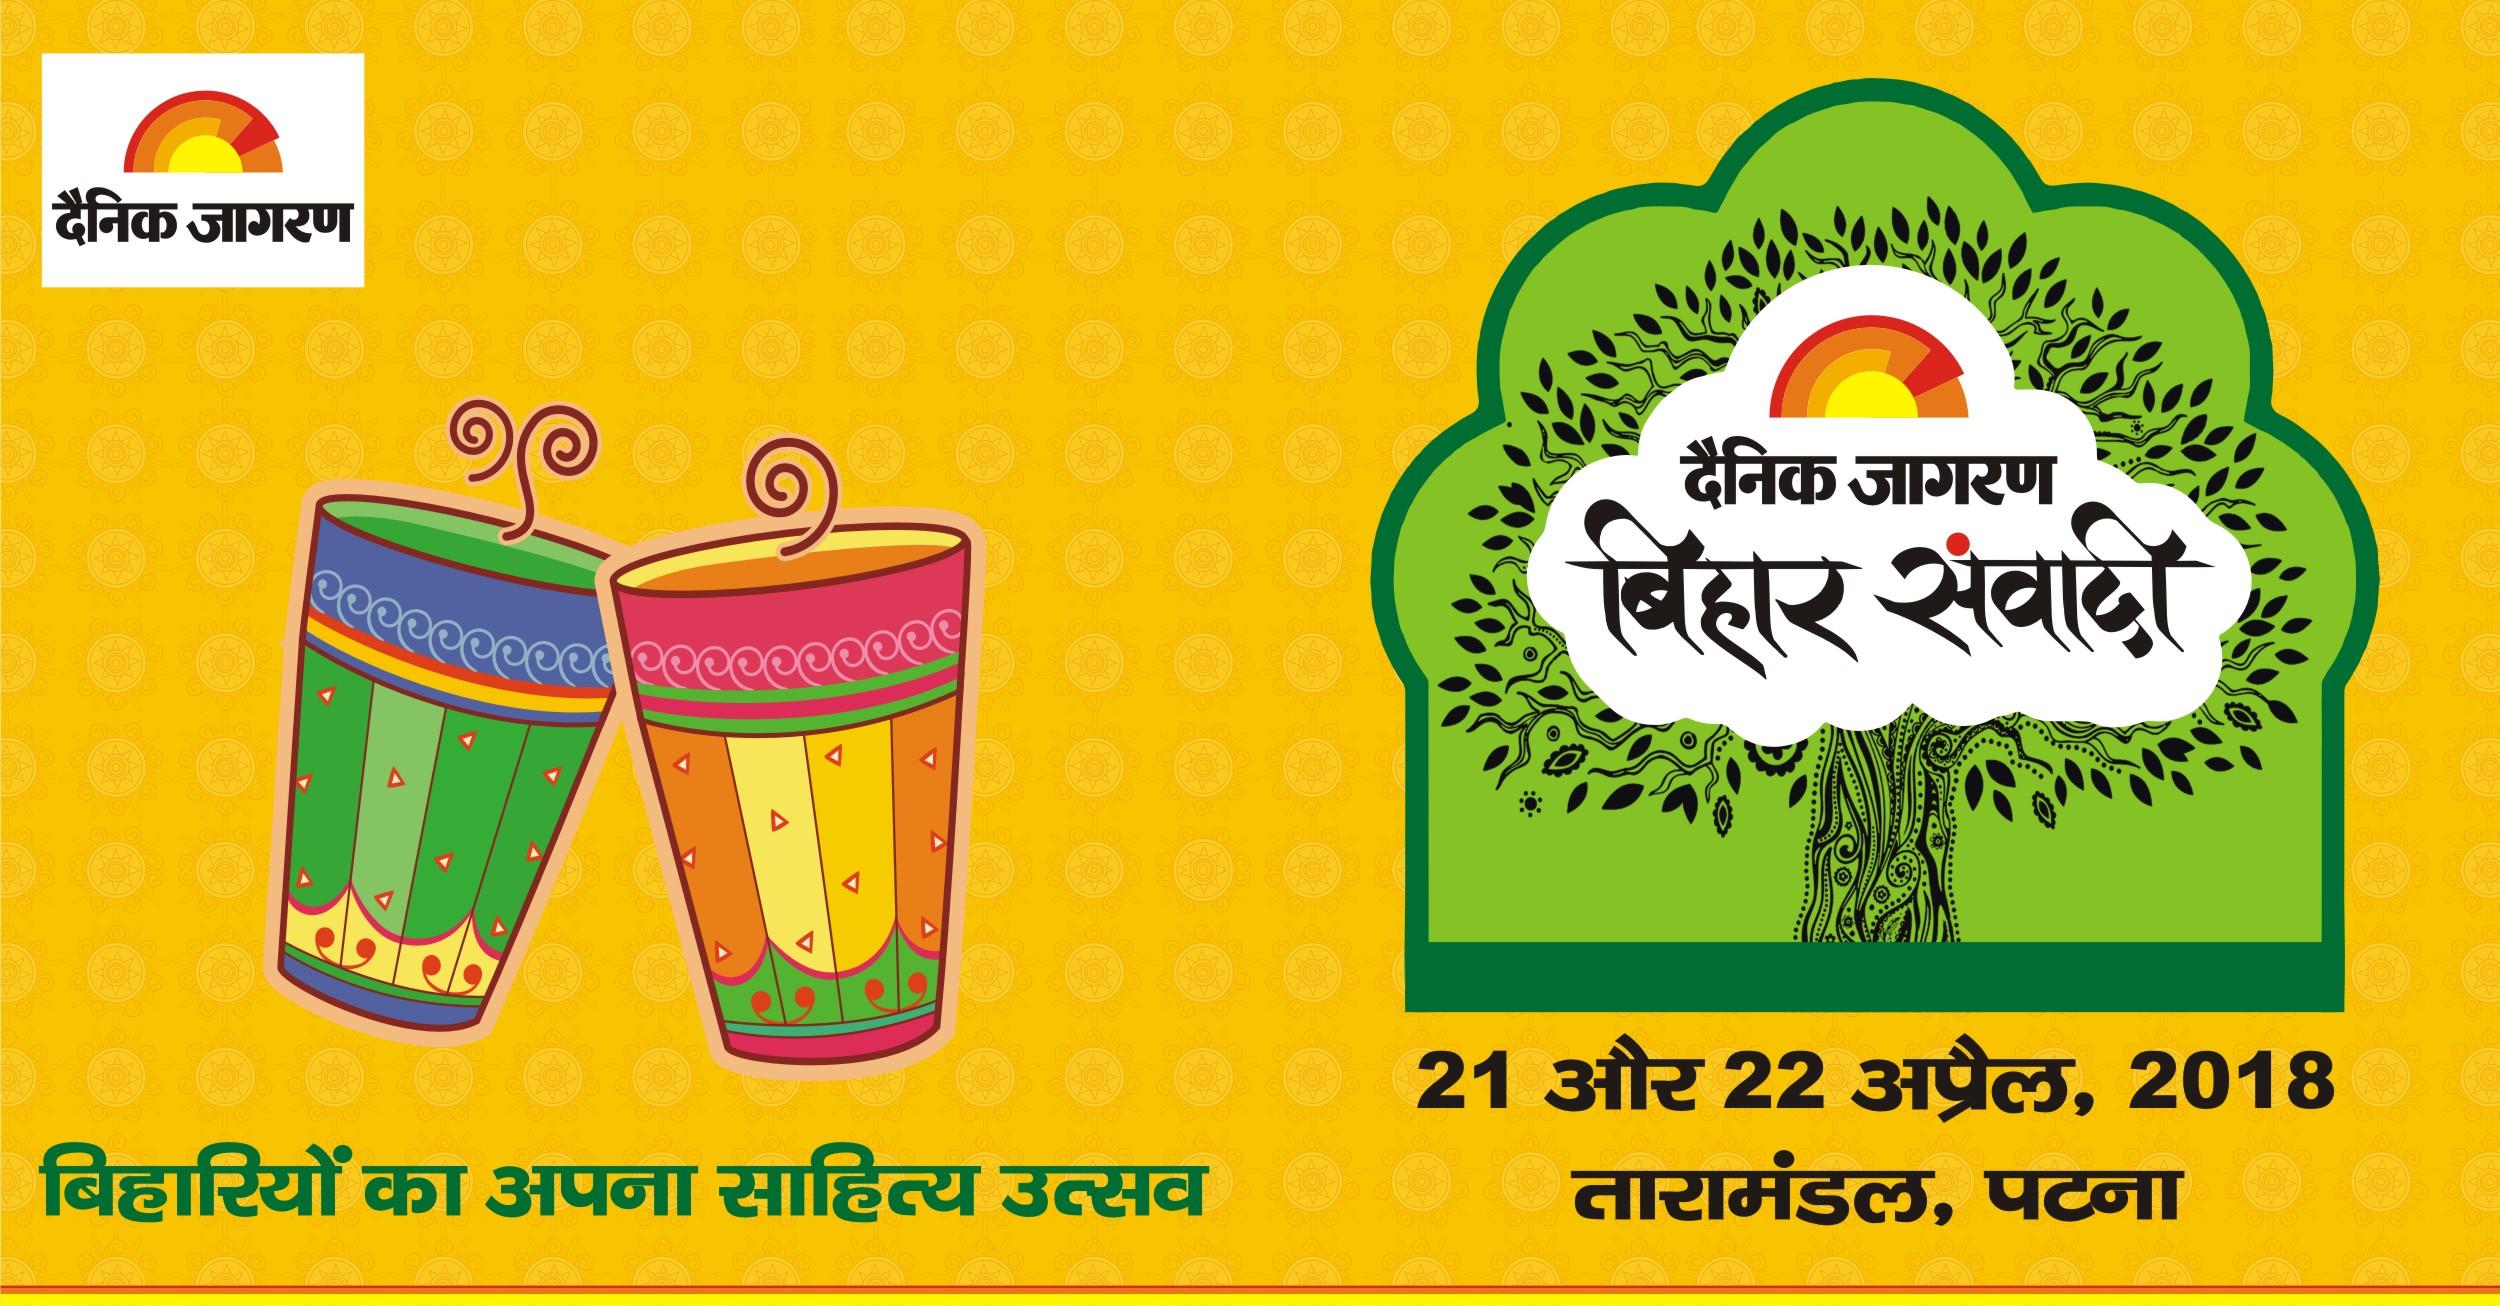 बिहार संवादी, पटना में 21 और 22 अप्रैल को दो दिनों का साहित्य उत्सव